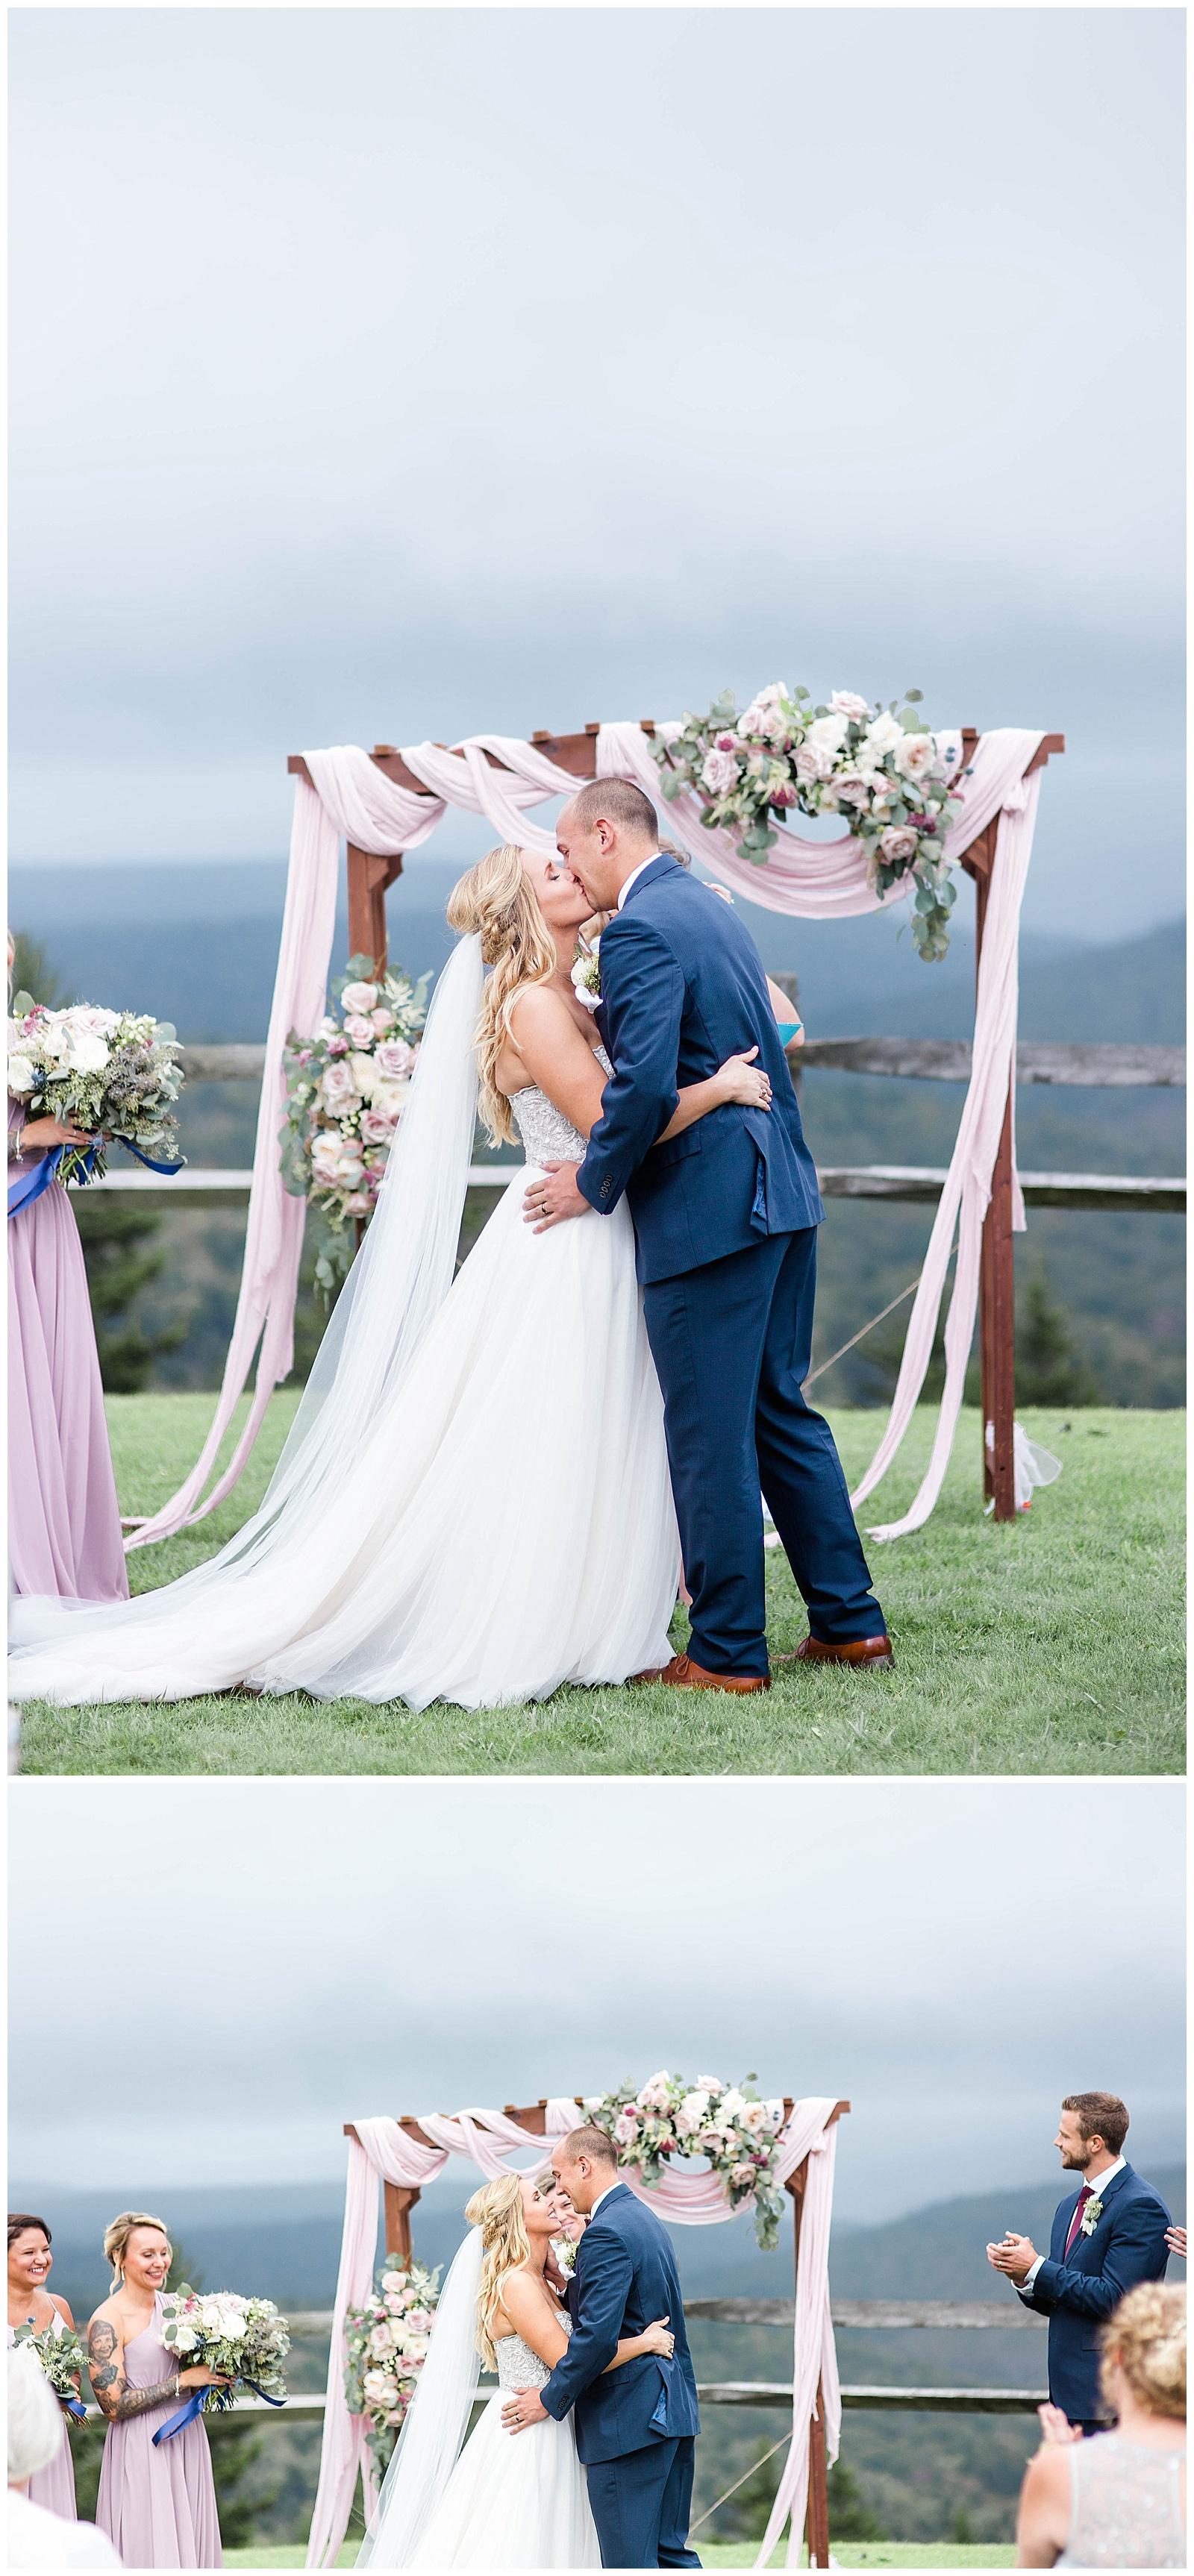 Saiko_Kara_Blakeman_Photography_Snowshoe_Wedding_Wv_2018_43